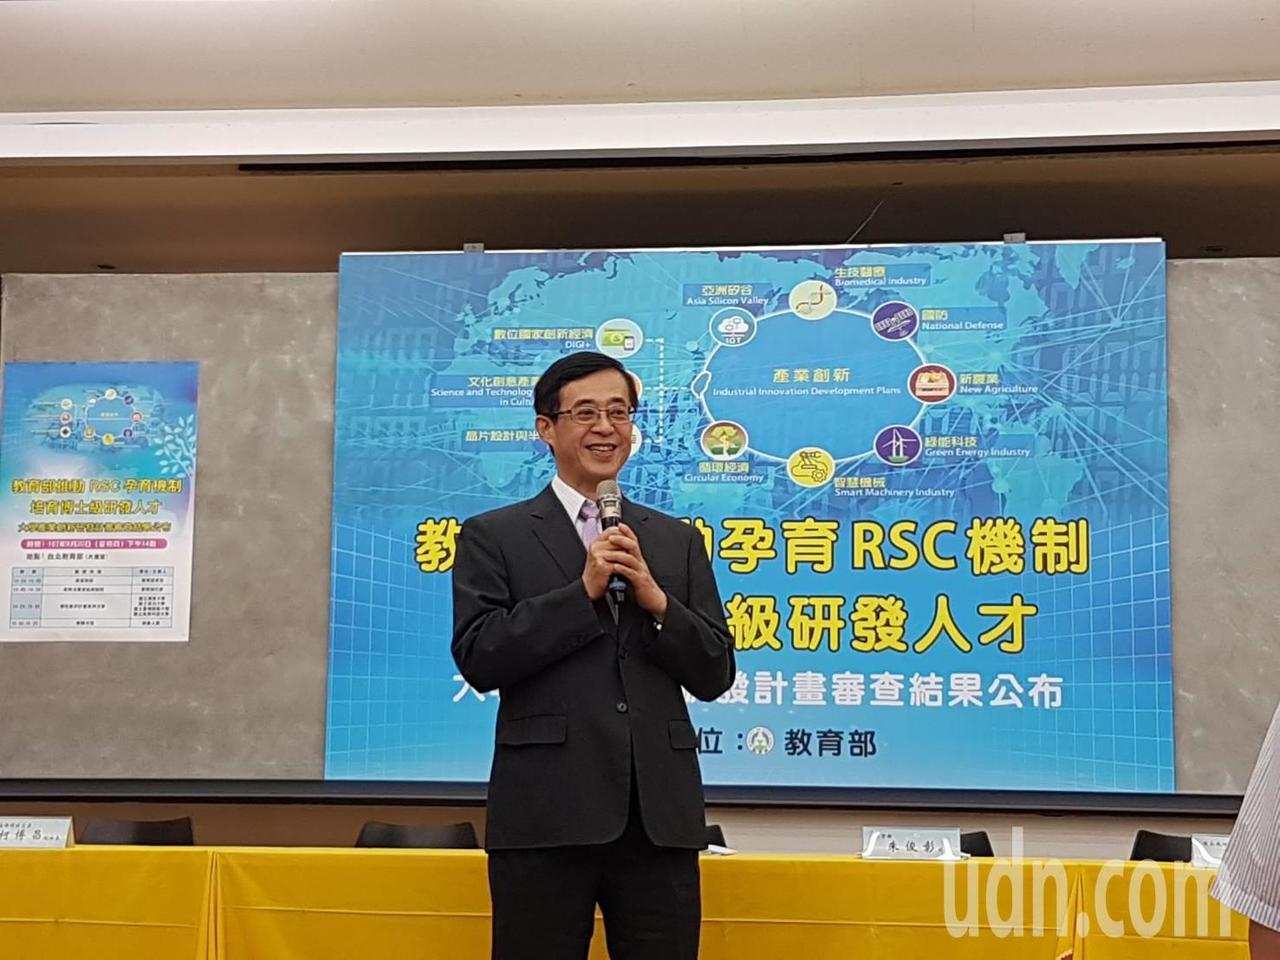 教育部次長姚立德公布「大學產業創新研發計畫」徵選結果。記者吳佩旻/攝影